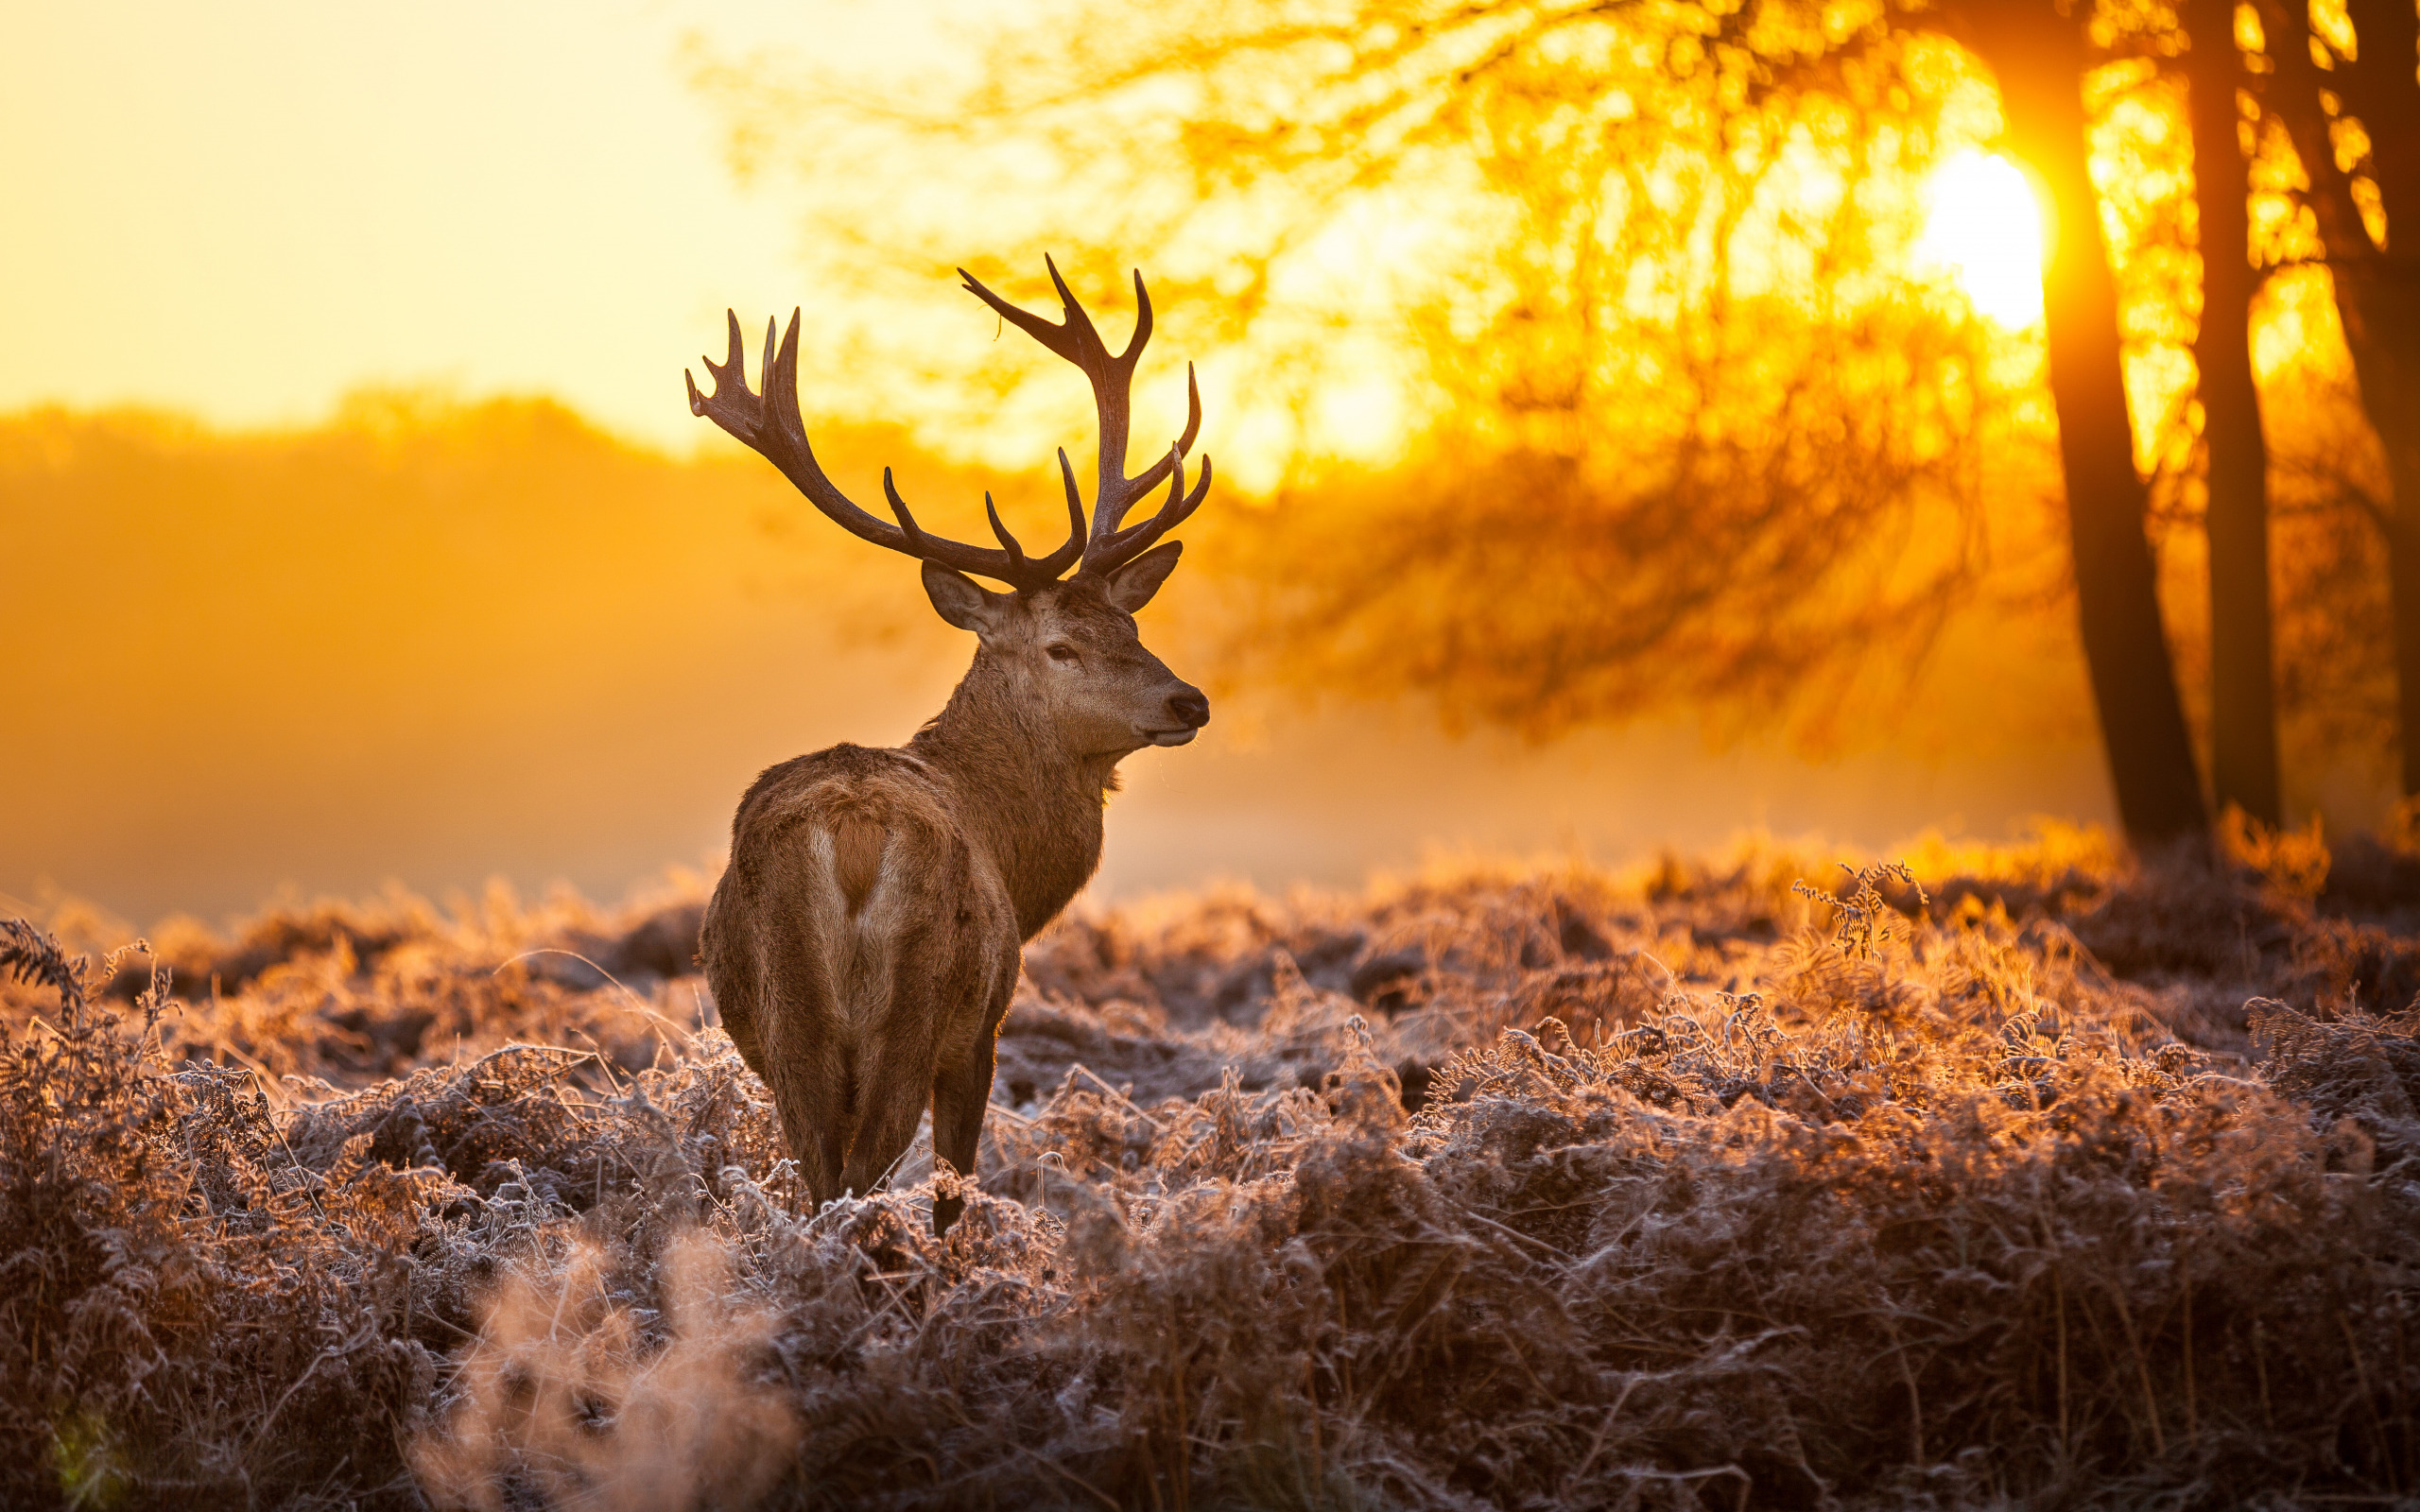 Картинки с изображениями животных пейзажей для рабочего стола онлайн